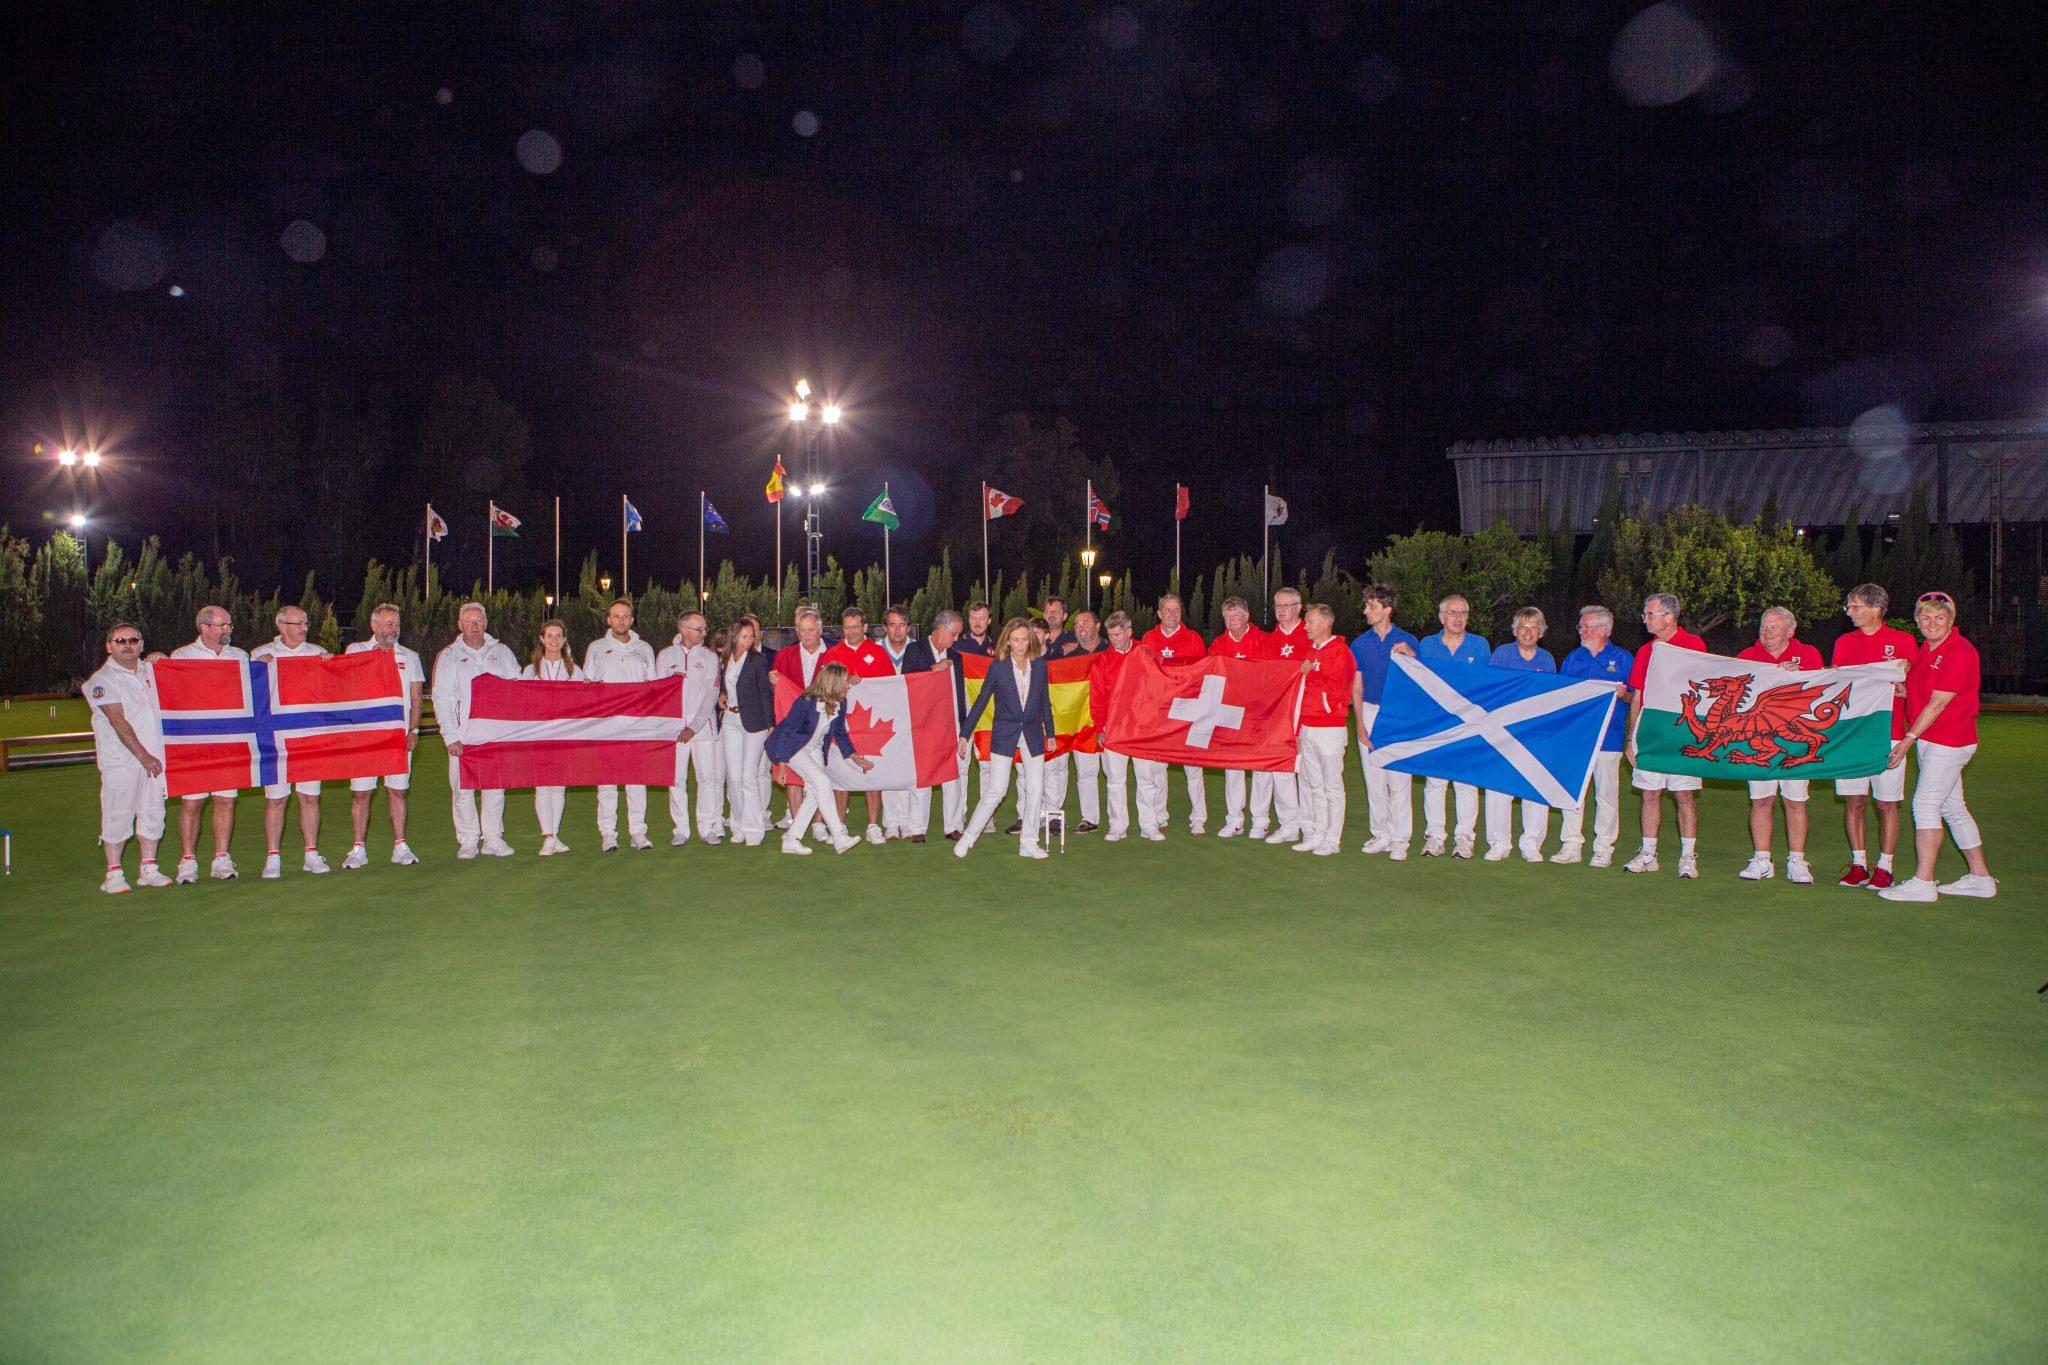 III Campeonato del Mundo de Croquet por Países - Real Novo Sancti Petri 197